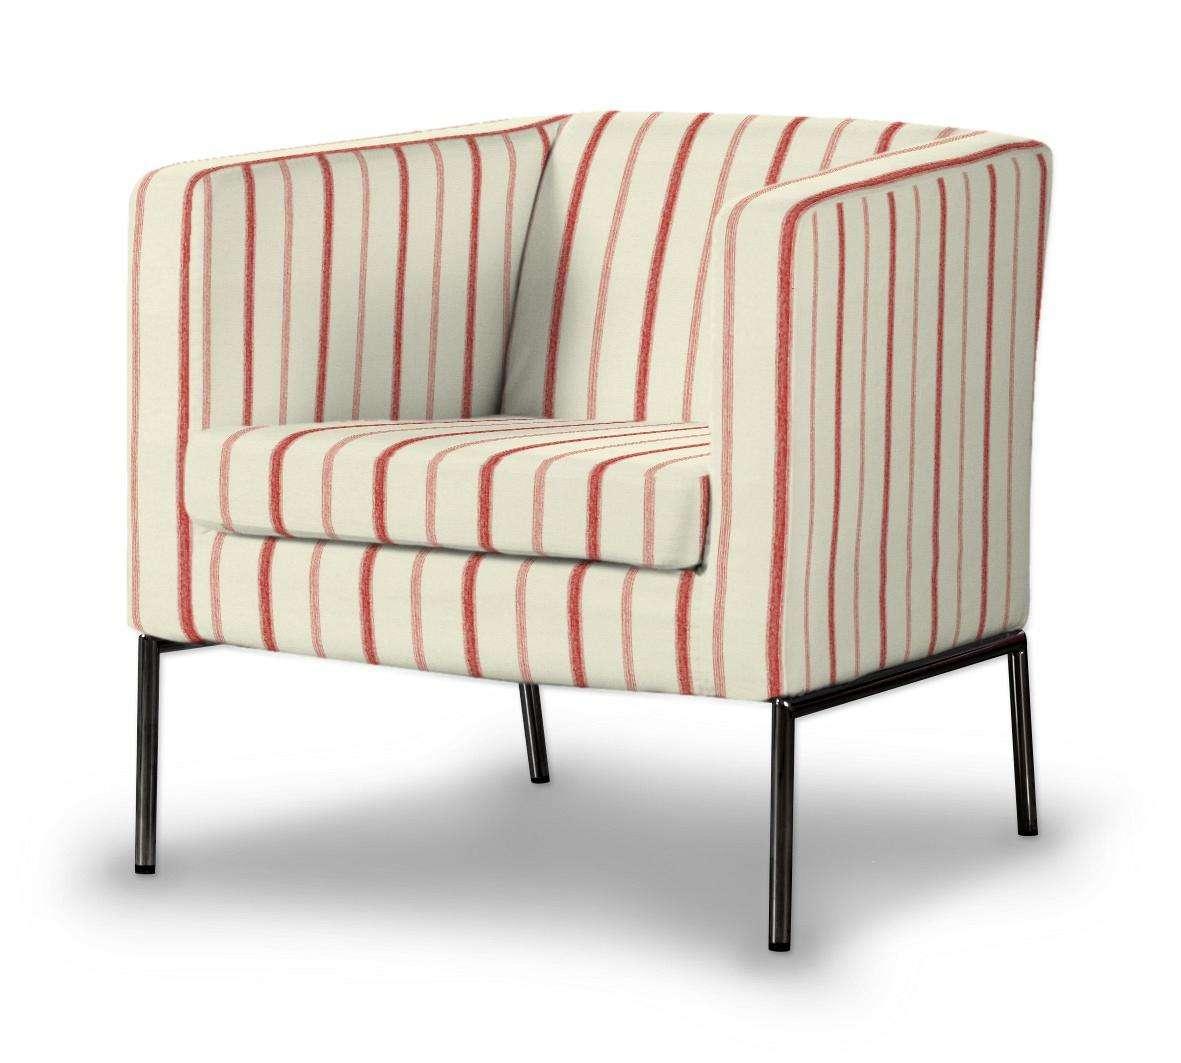 Pokrowiec na fotel Klappsta Fotel Klappsta w kolekcji Avinon, tkanina: 129-15